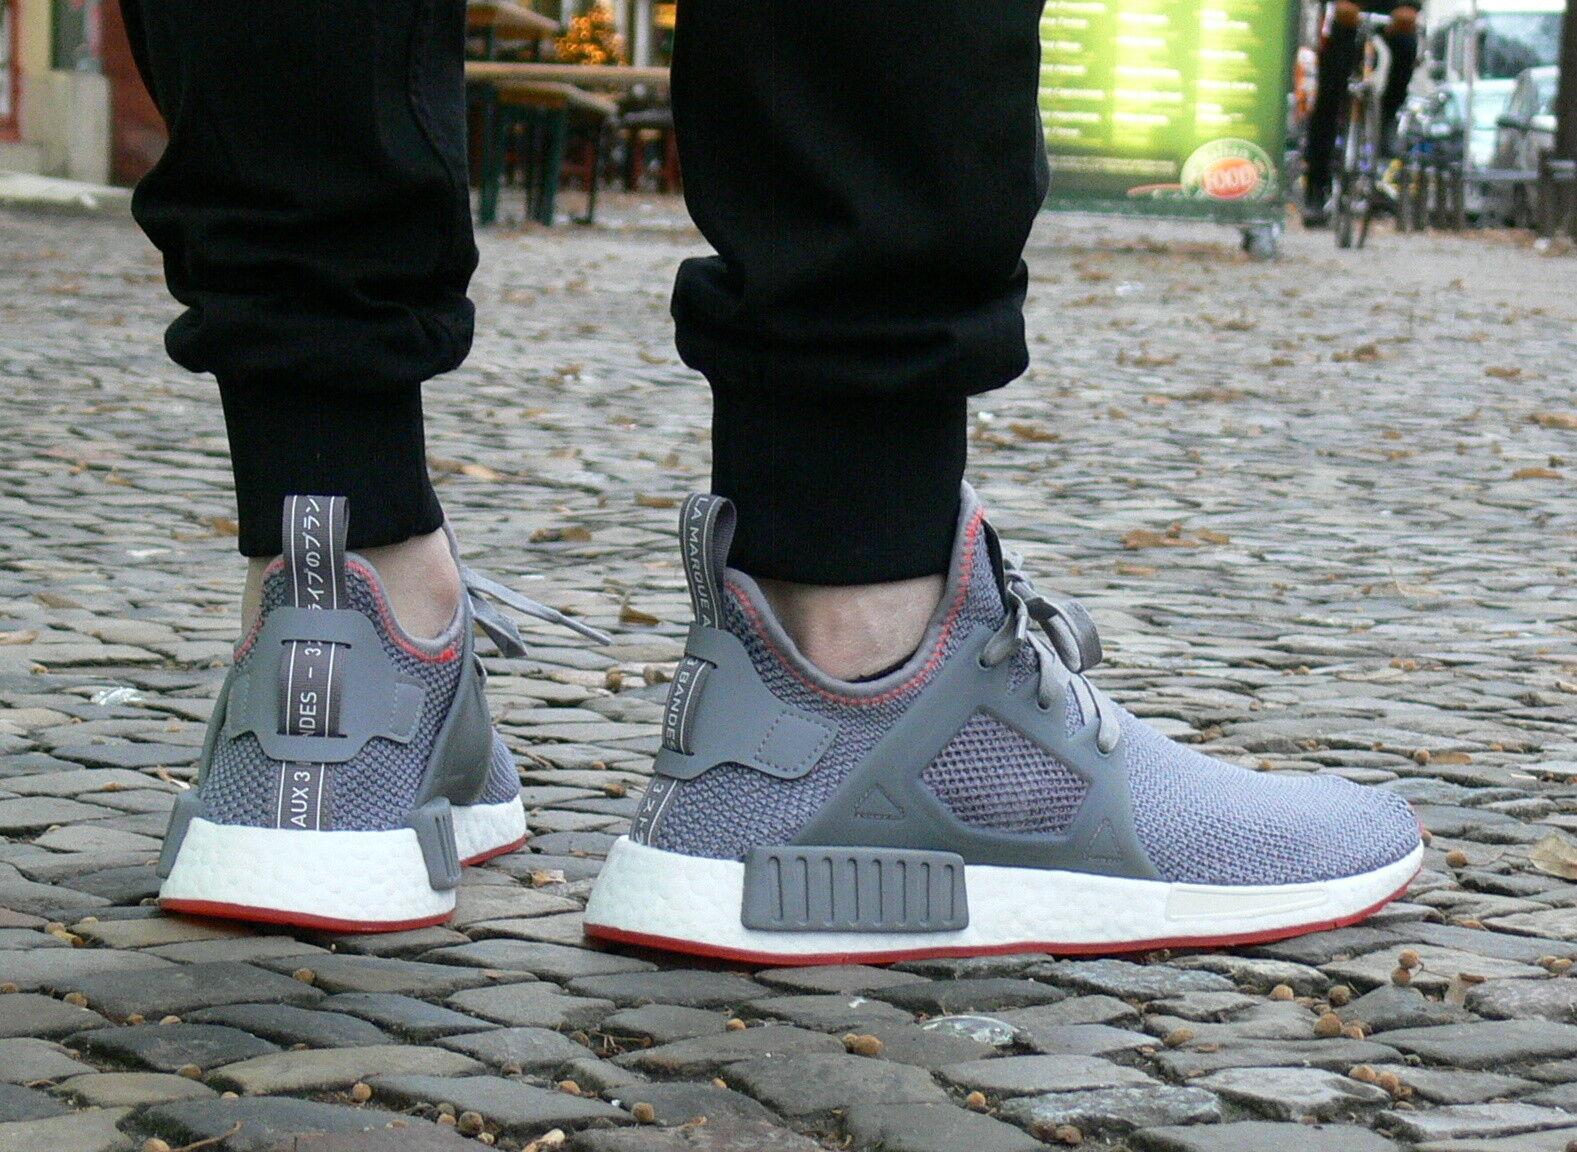 adidas NMD_XR1 Primeknit Schuh BY9925 Core Grey Grau Turnschuh BOOST Sohle NEU